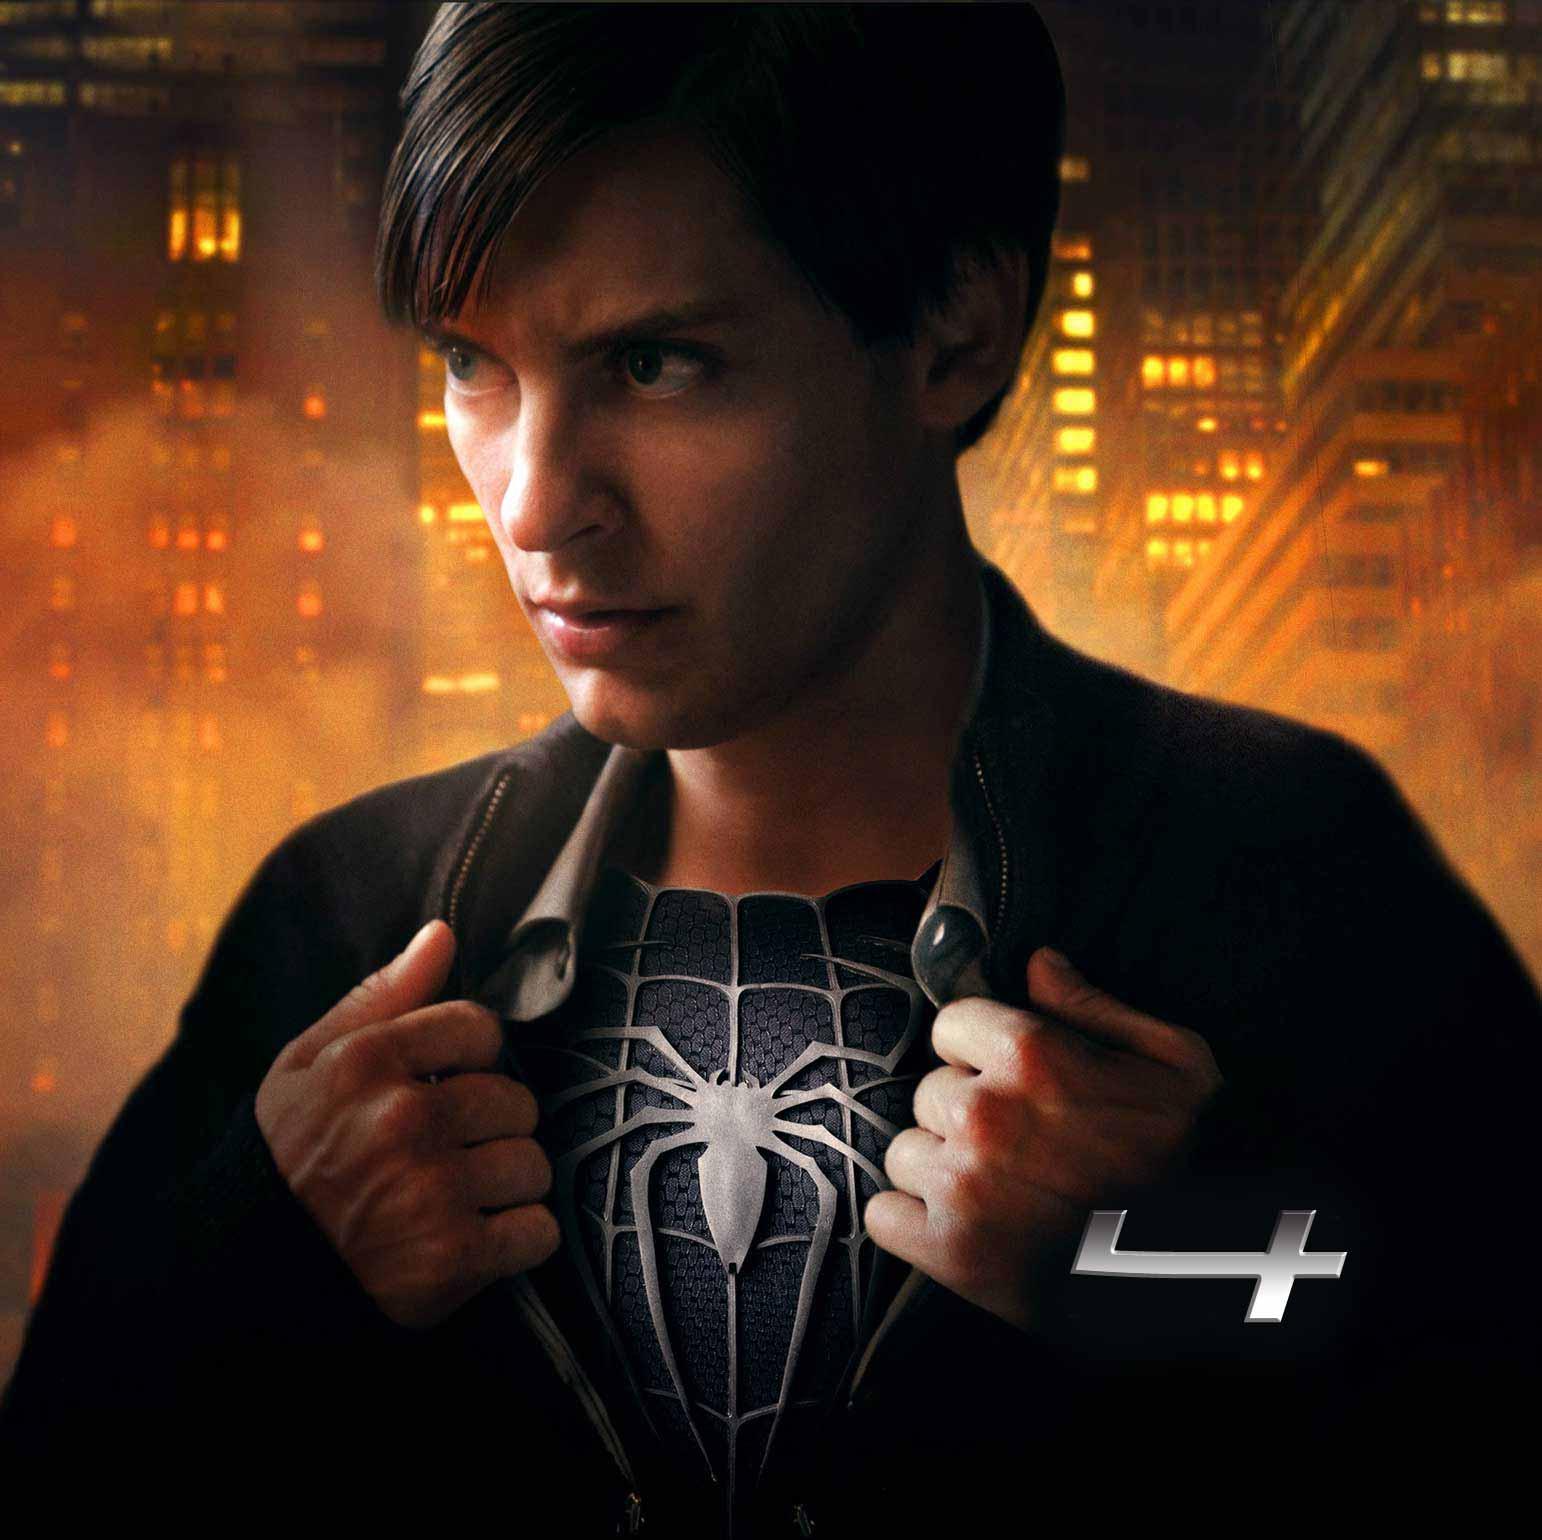 http://1.bp.blogspot.com/-rgcLKGkHo2g/UFsFOdF4KLI/AAAAAAAAAUs/7NZkrdhciOE/s1600/Spiderman+4+5.jpeg